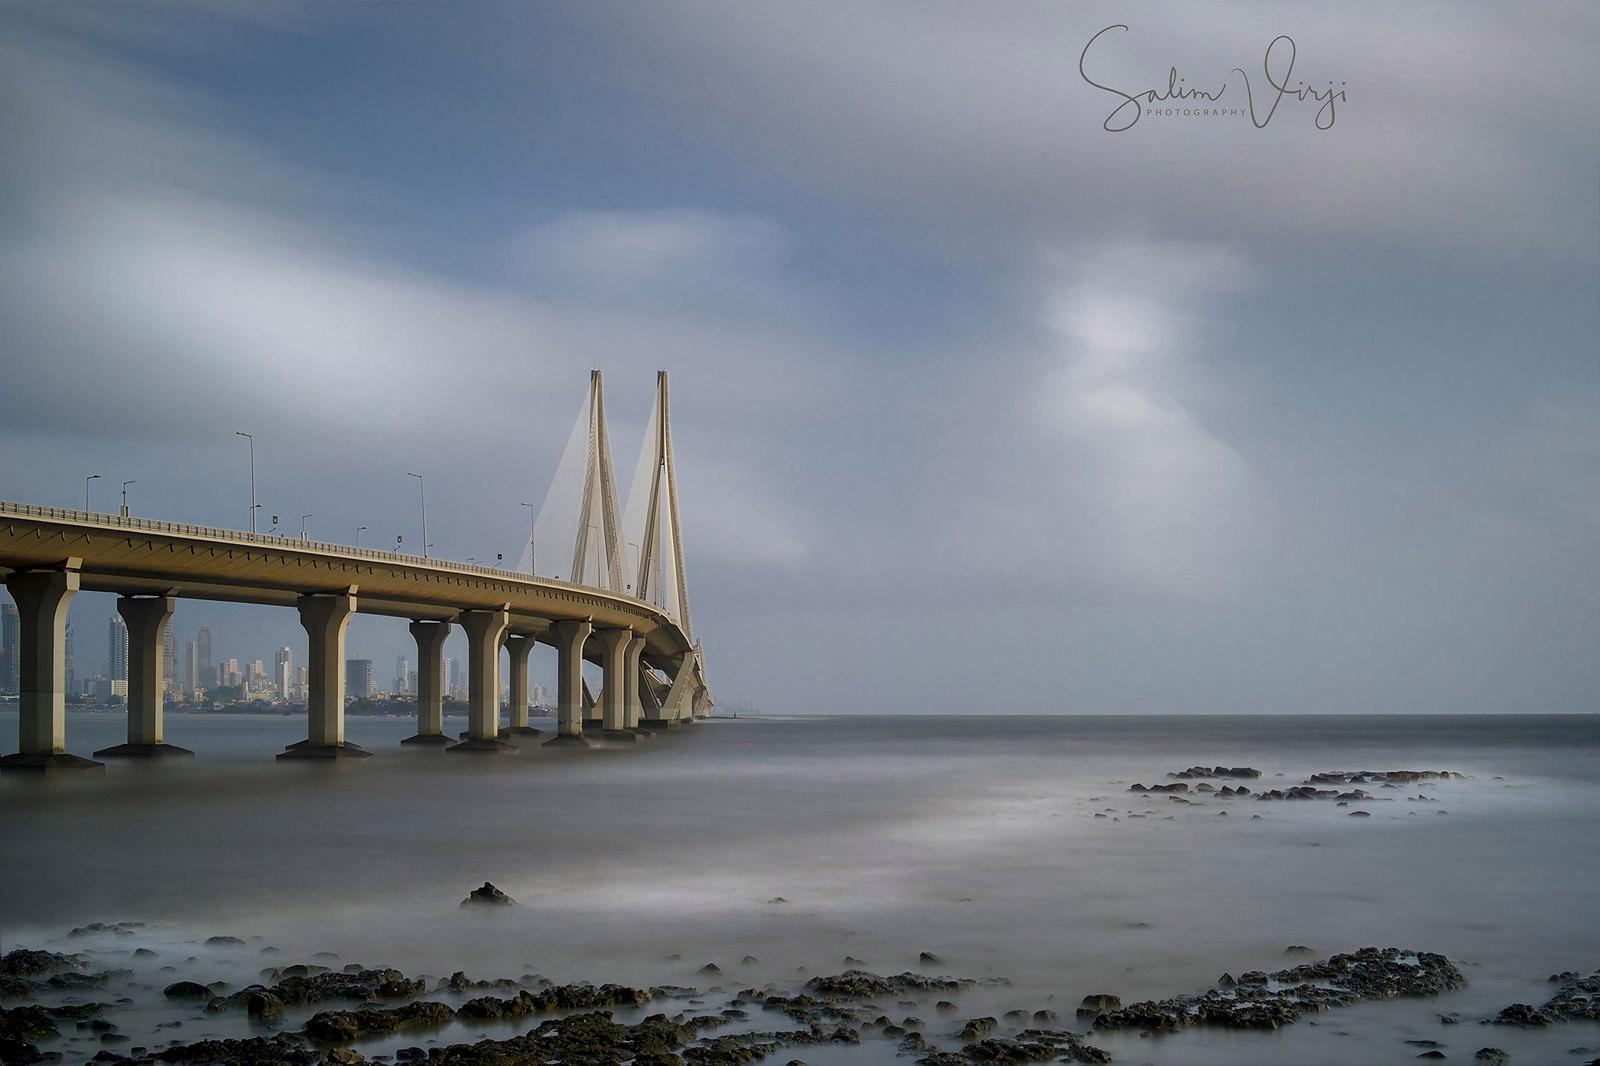 Bandra-Worli Sealink by Sal Virji